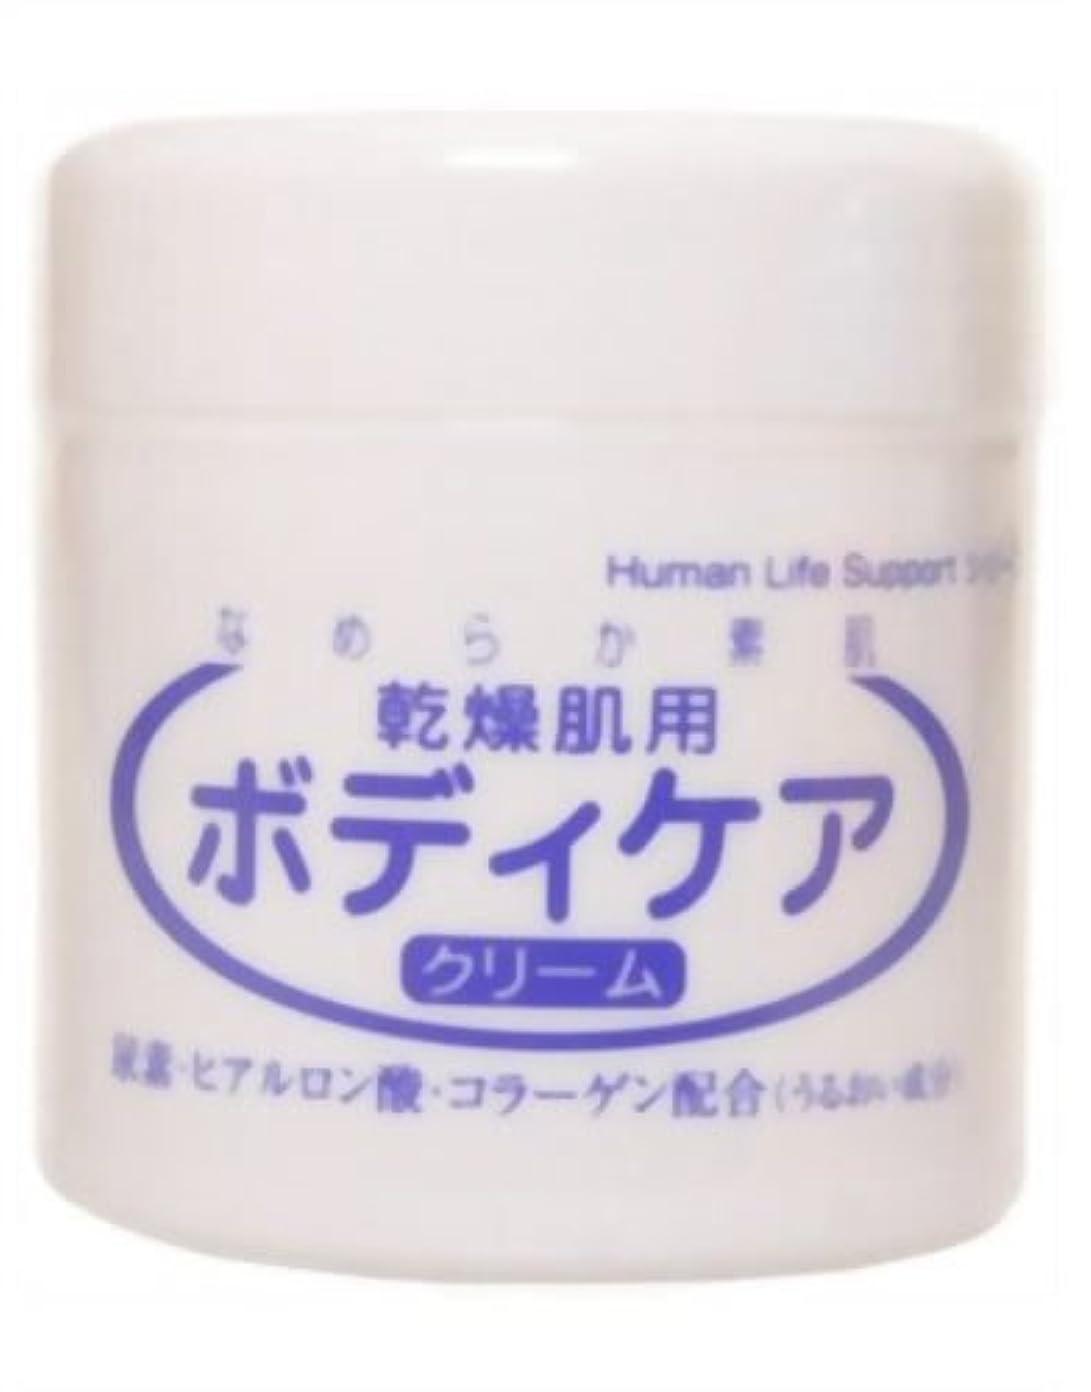 シニス拡散するパリティ乾燥肌用ボディケアクリーム 230g